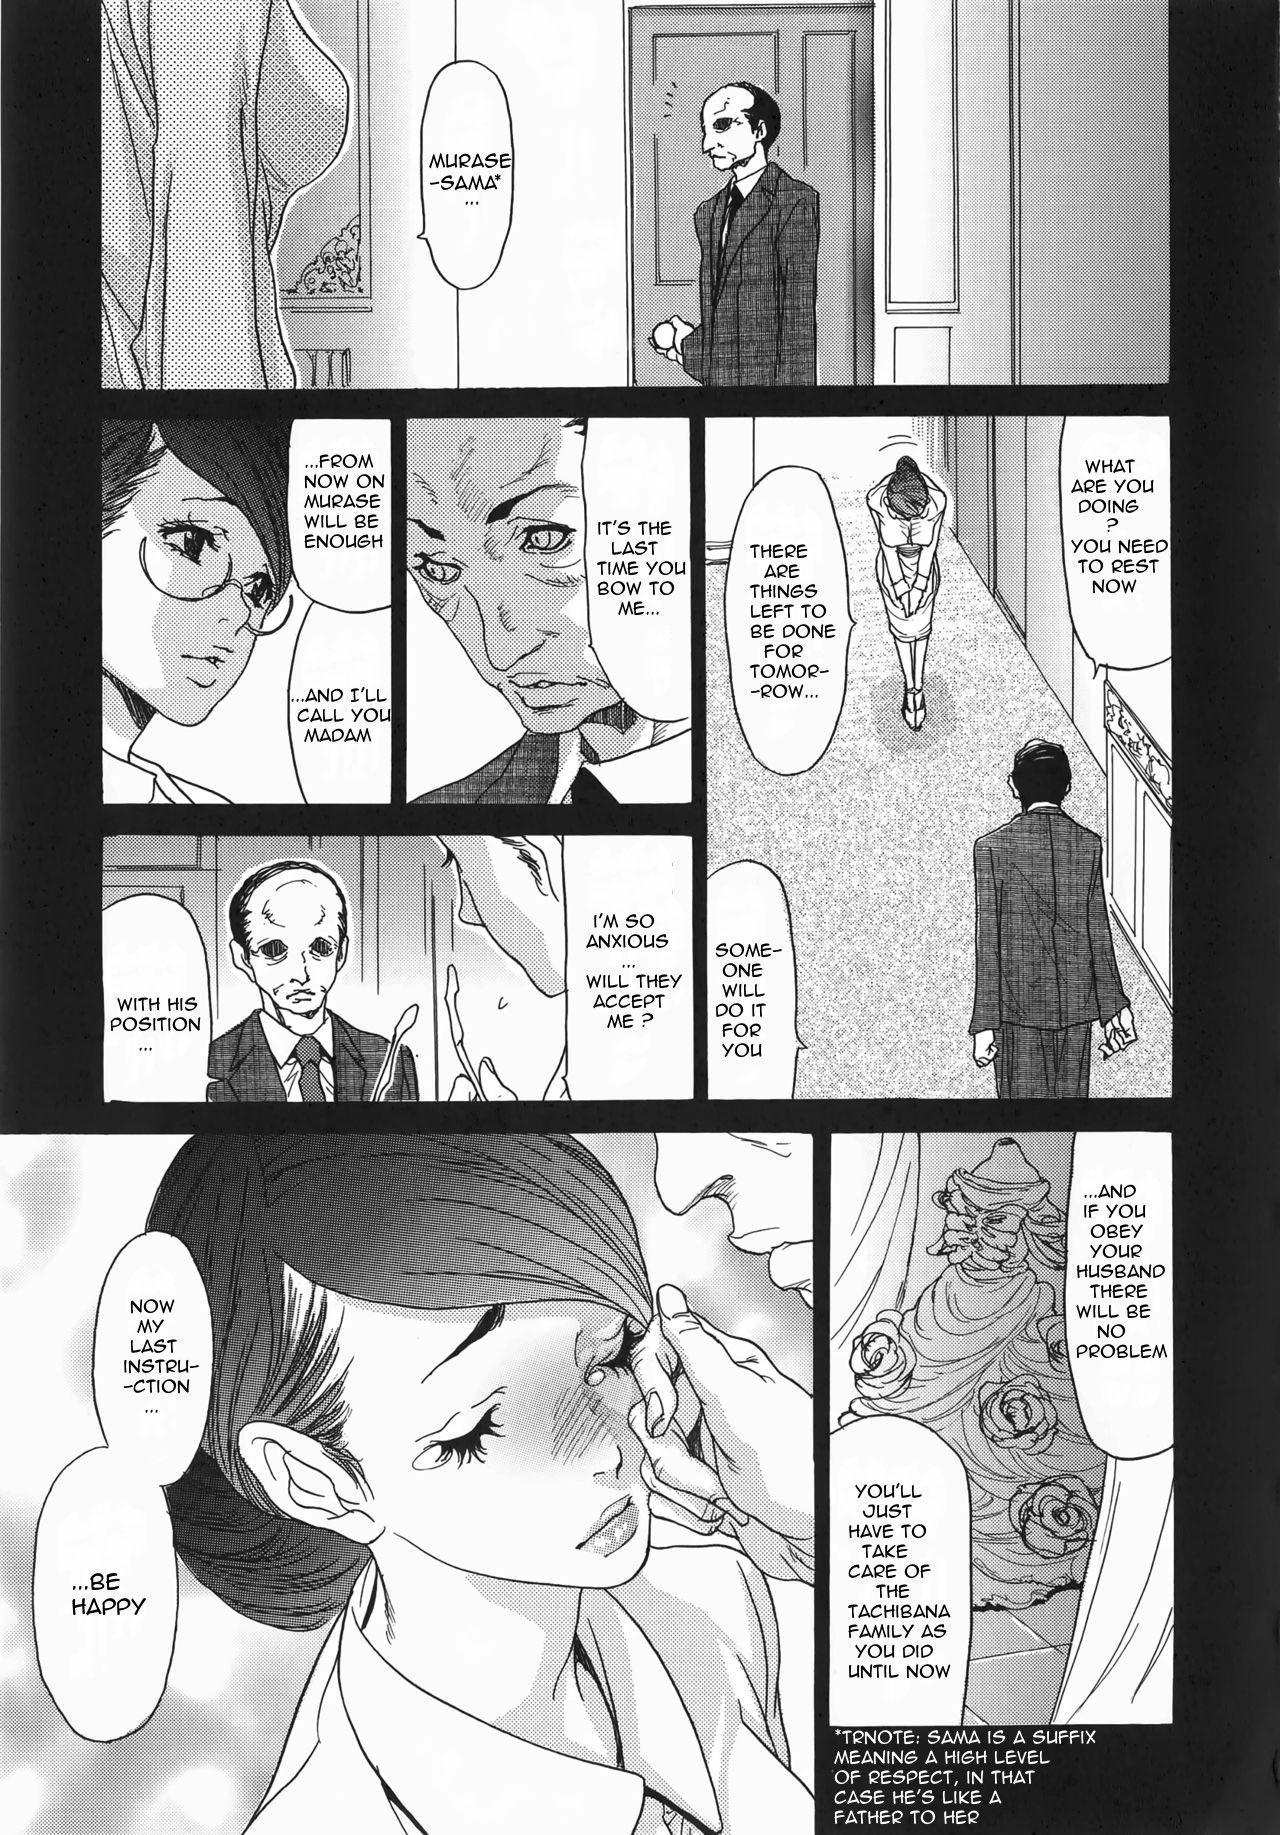 [Aoi Hitori, Izayoi Seishin, Yamasaki Masato] Metamorphose ~Celeb Zuma no Seien~ Ch. 1-8 [English][Decensored] [R-IC] 142